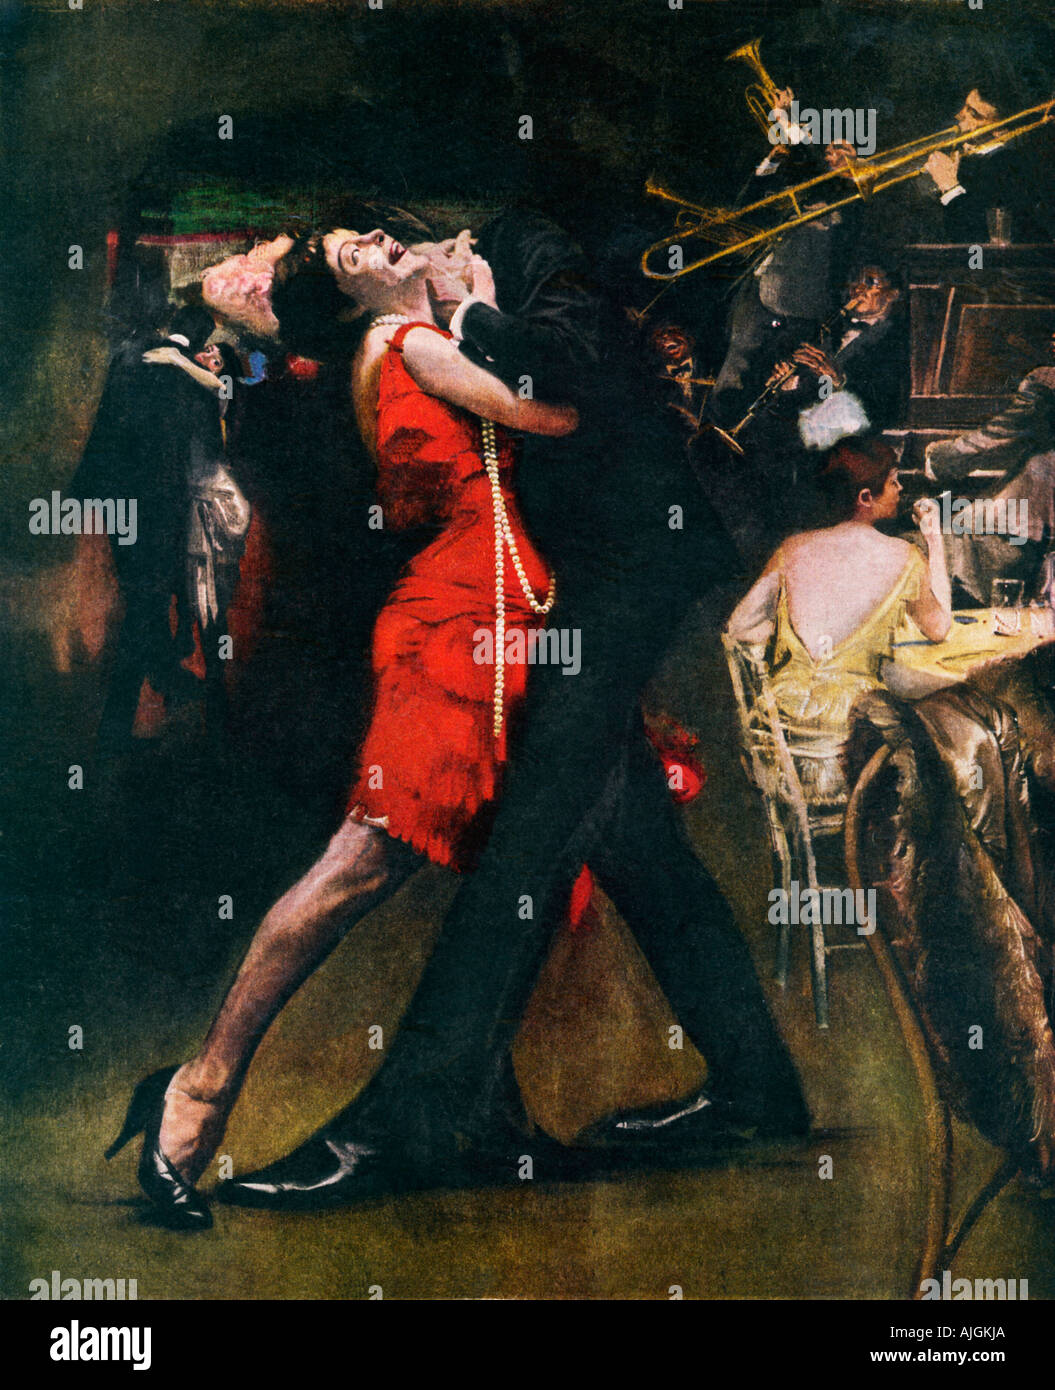 """Chicago Jazz, 1920er Jahre Illustration des Effekts """"unmoralisch"""" des Jazz in der Zeit der Prohibition Stockbild"""